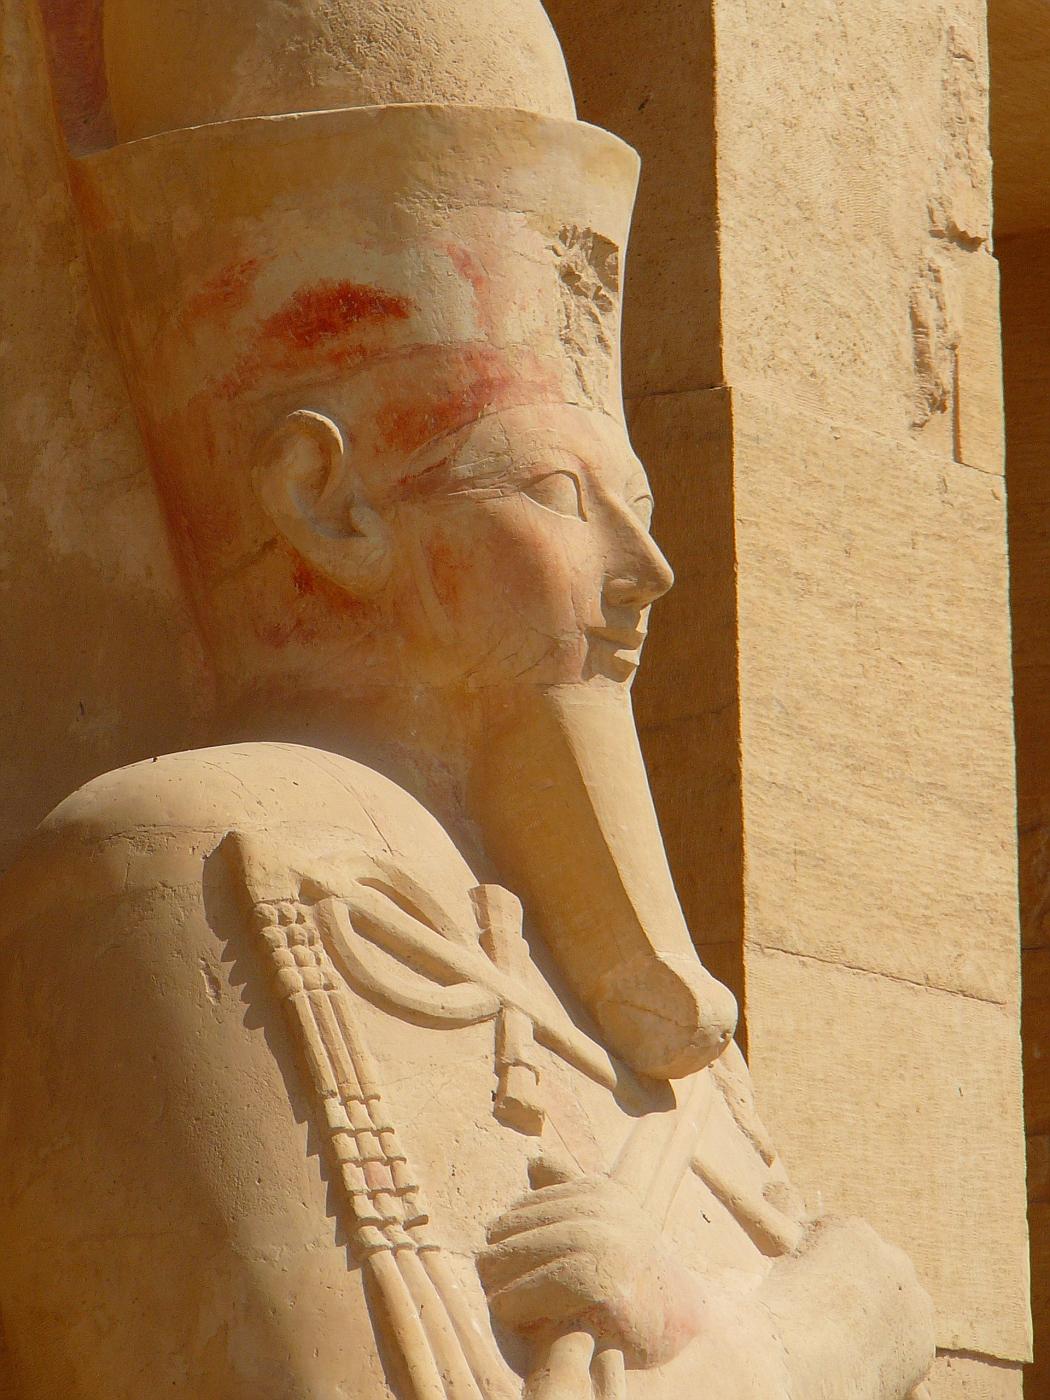 Statues of Hatshepsut with Fake Beard of Pharo